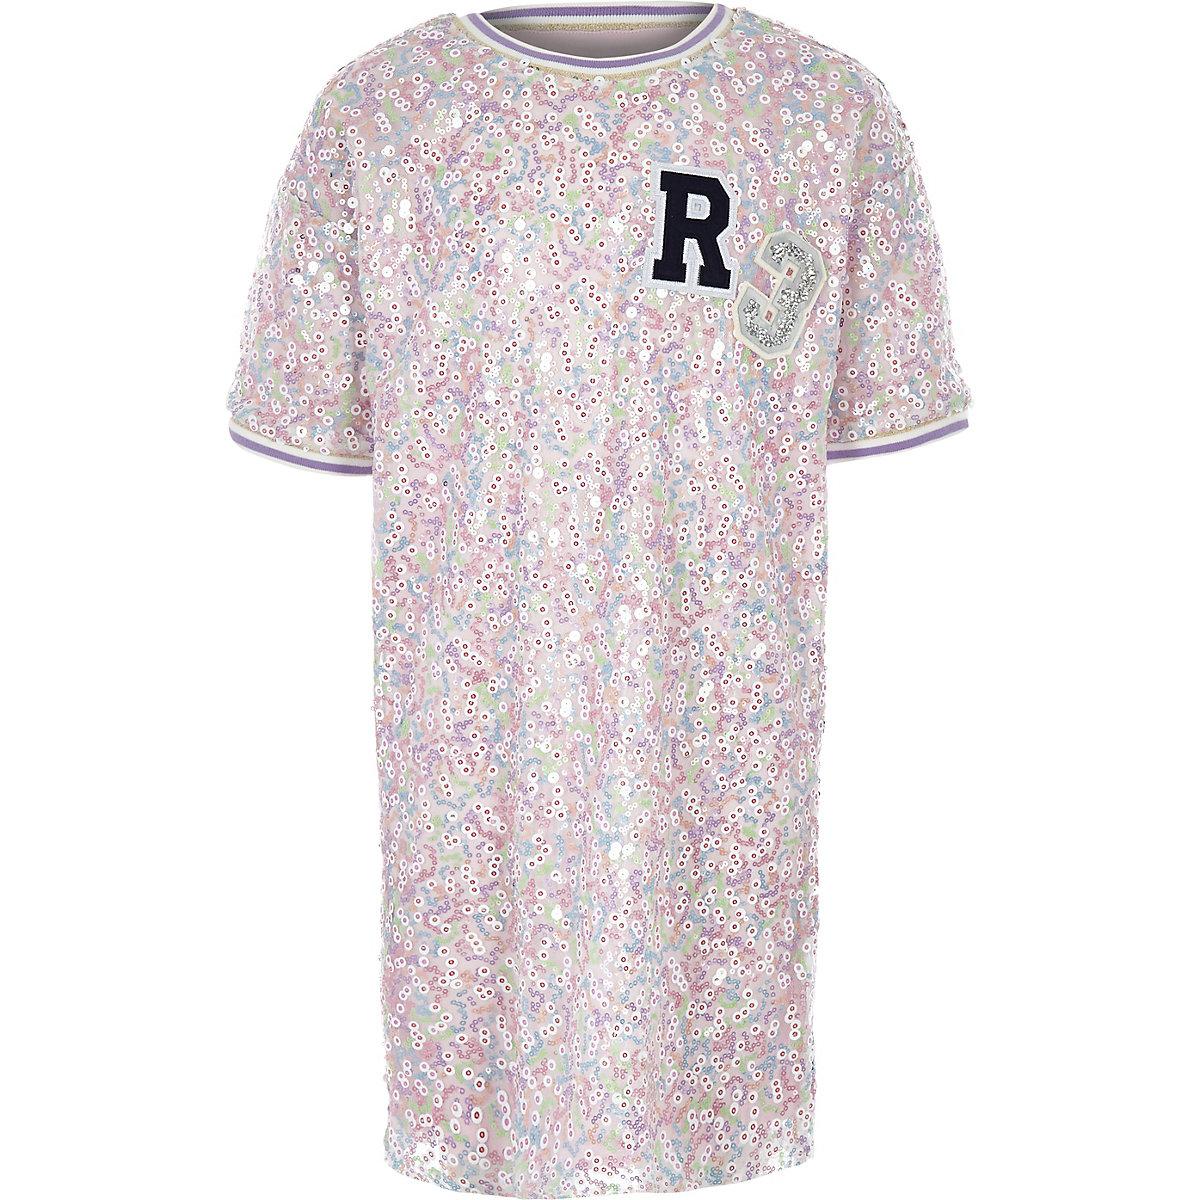 Girls pink sequin 'R3' T-shirt dress